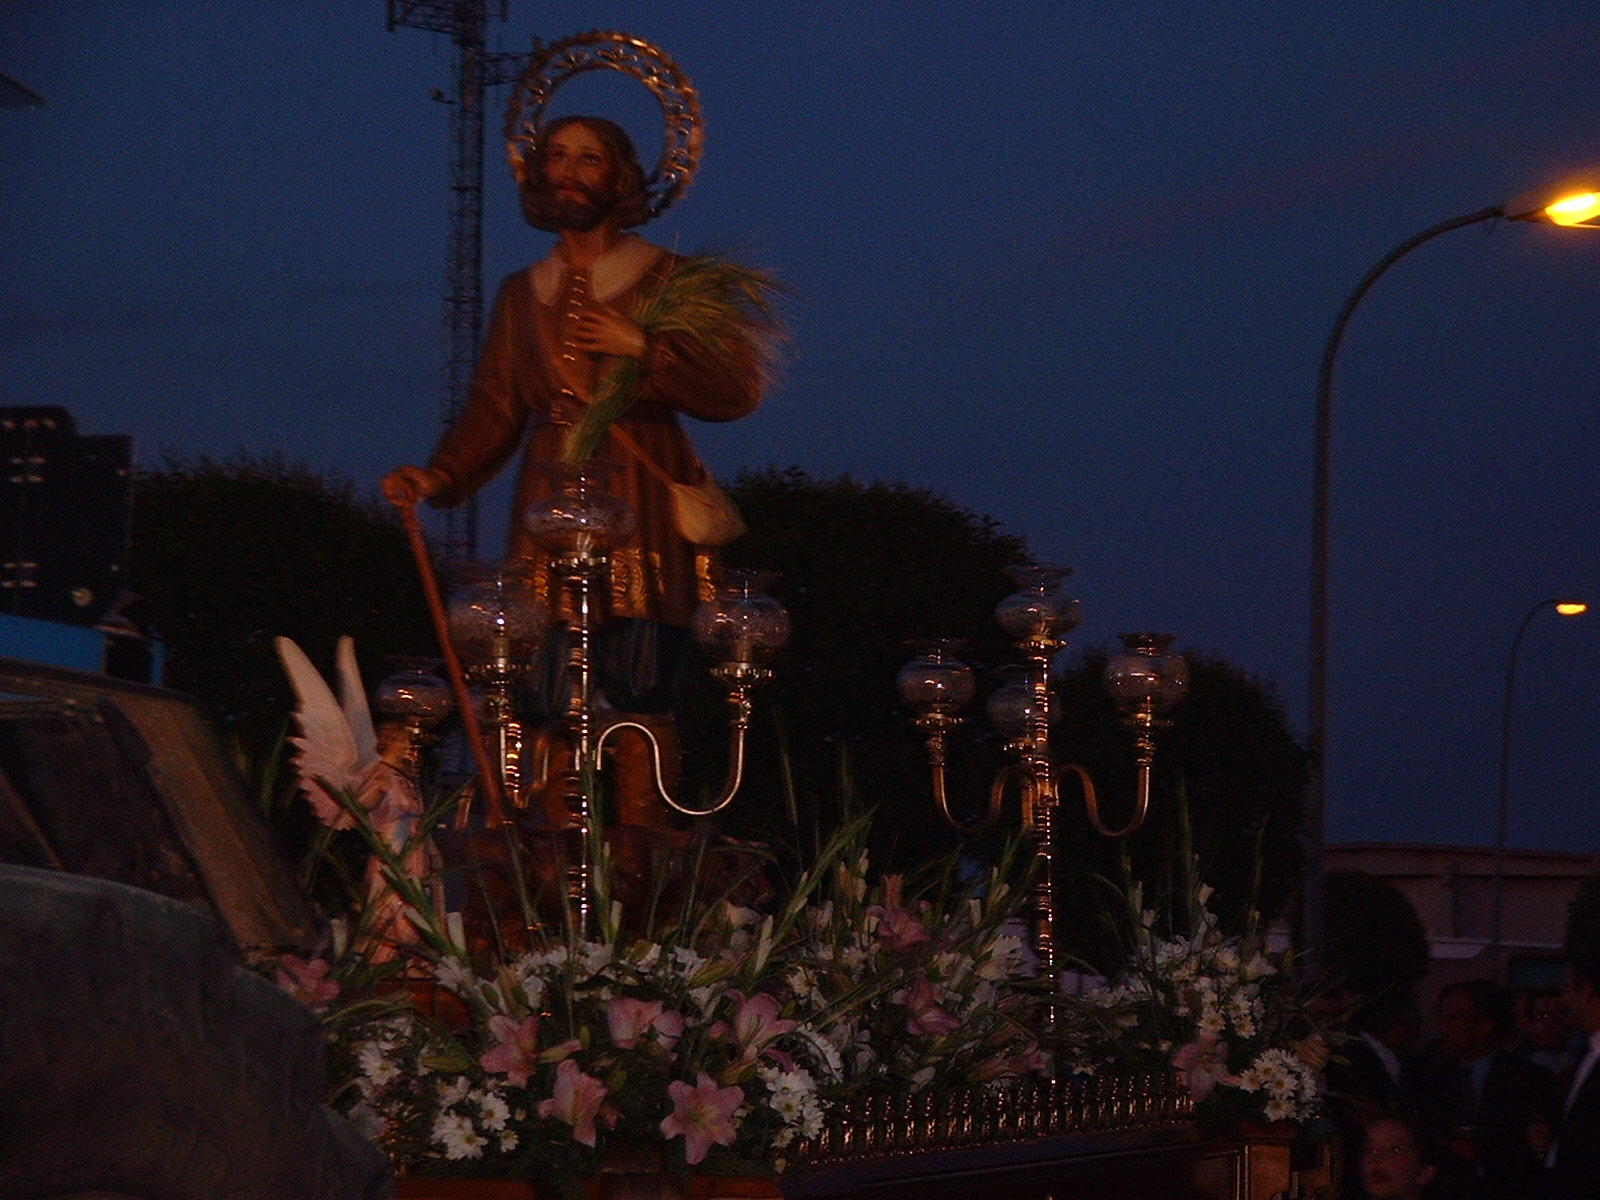 La Romería de San Isidro se celebró sábado y domingo en La Solana con buen tiempo